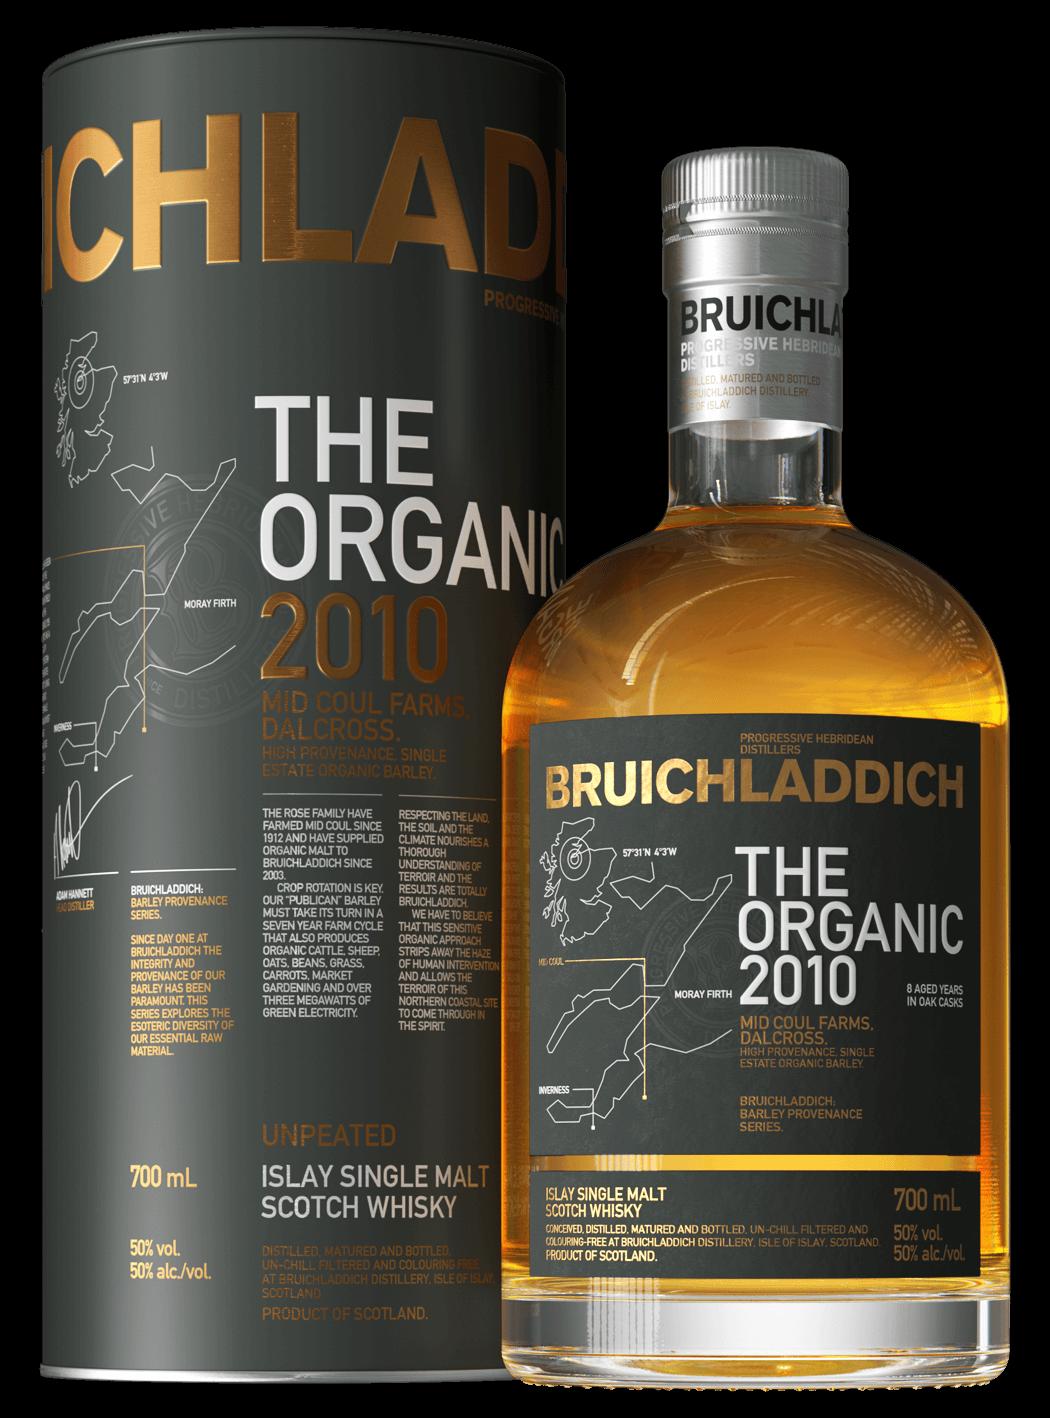 Bruichladdich The Organic 2010